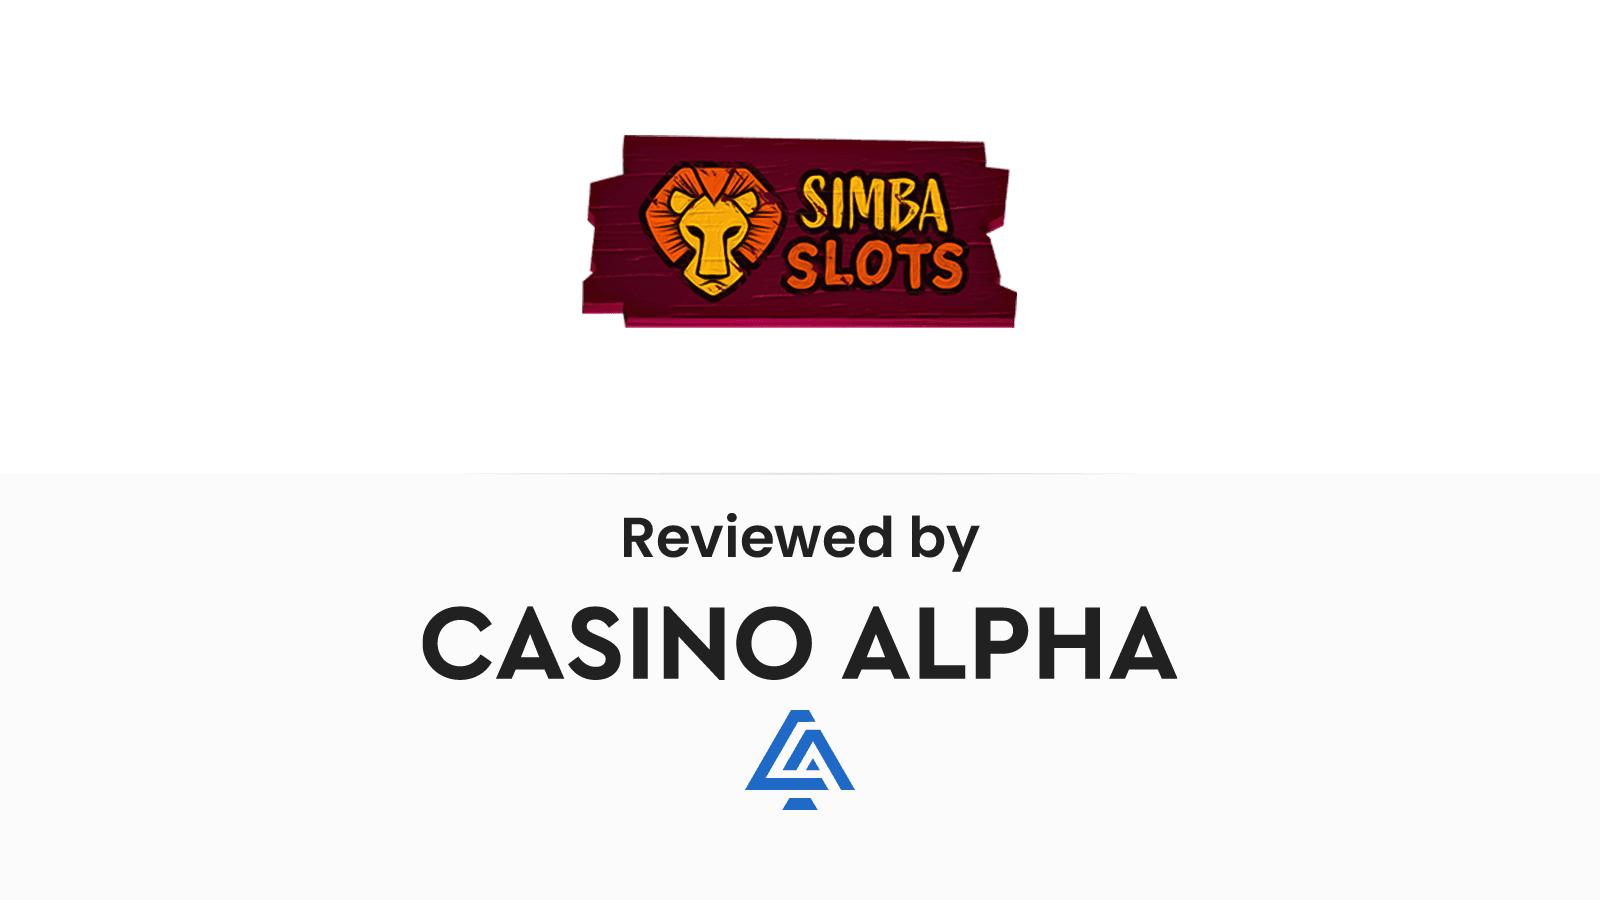 Simba Slots Review & Promo codes